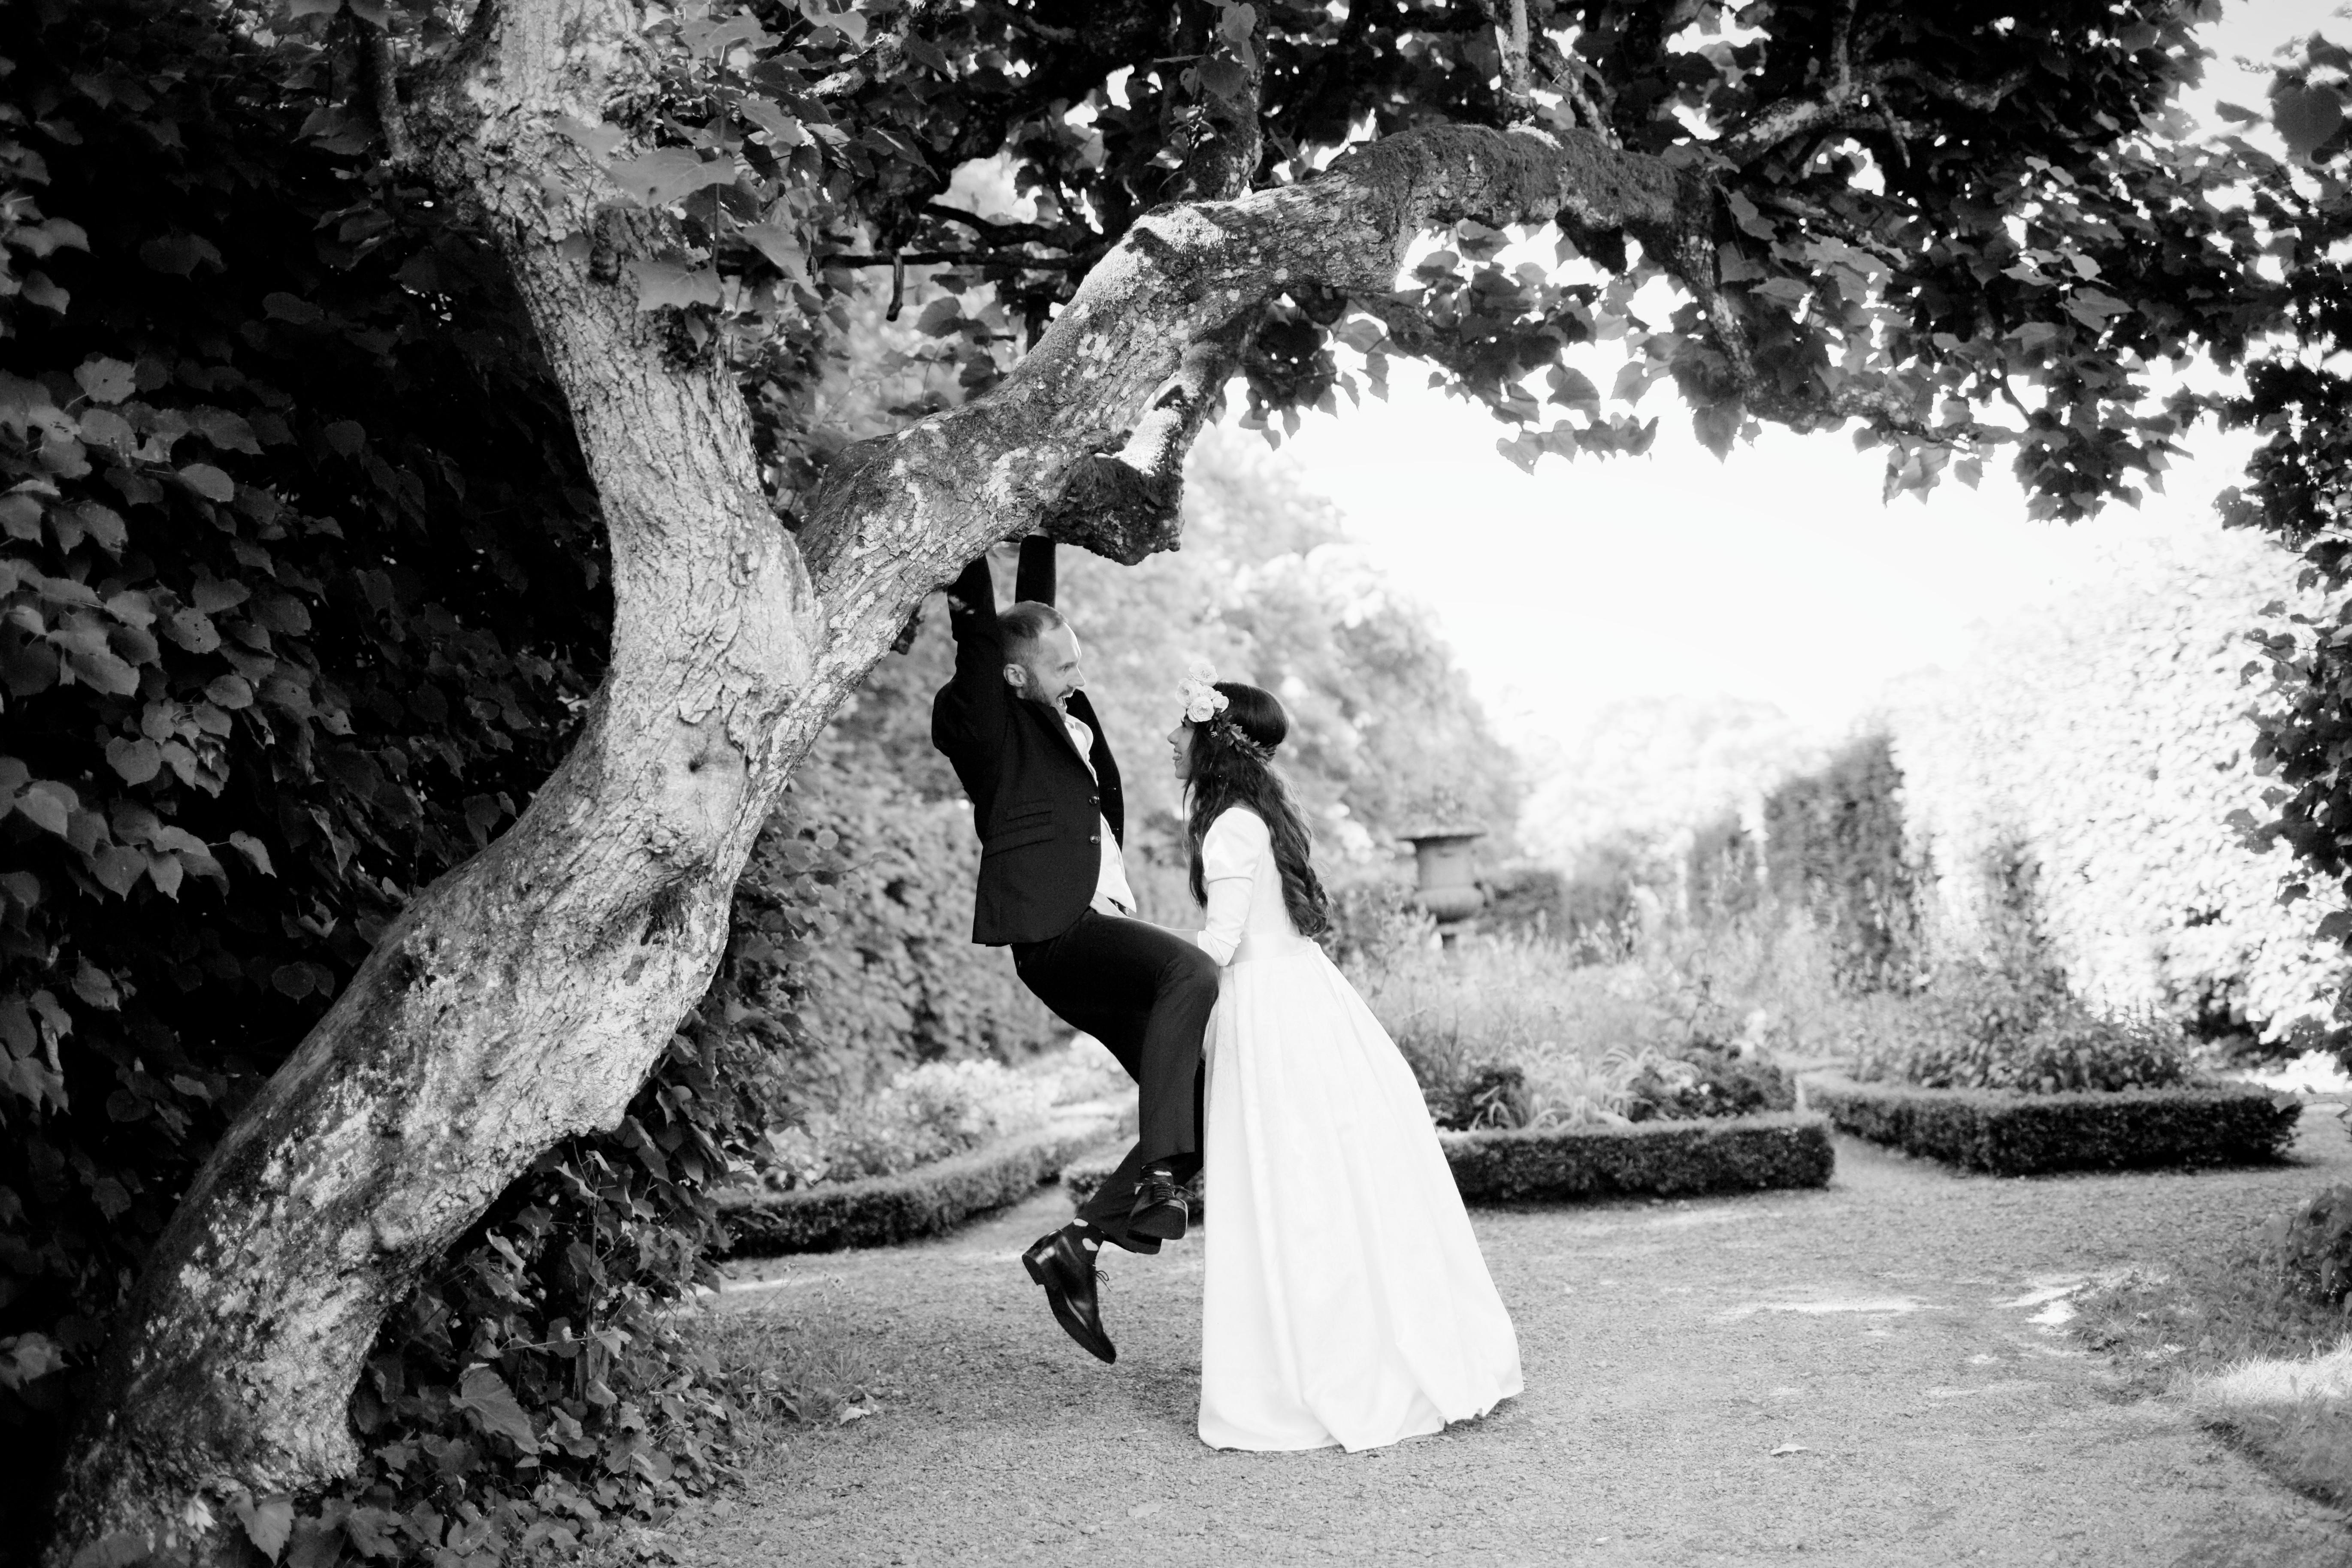 Bröllopsporträtt 13 - Mahdis & Tommy